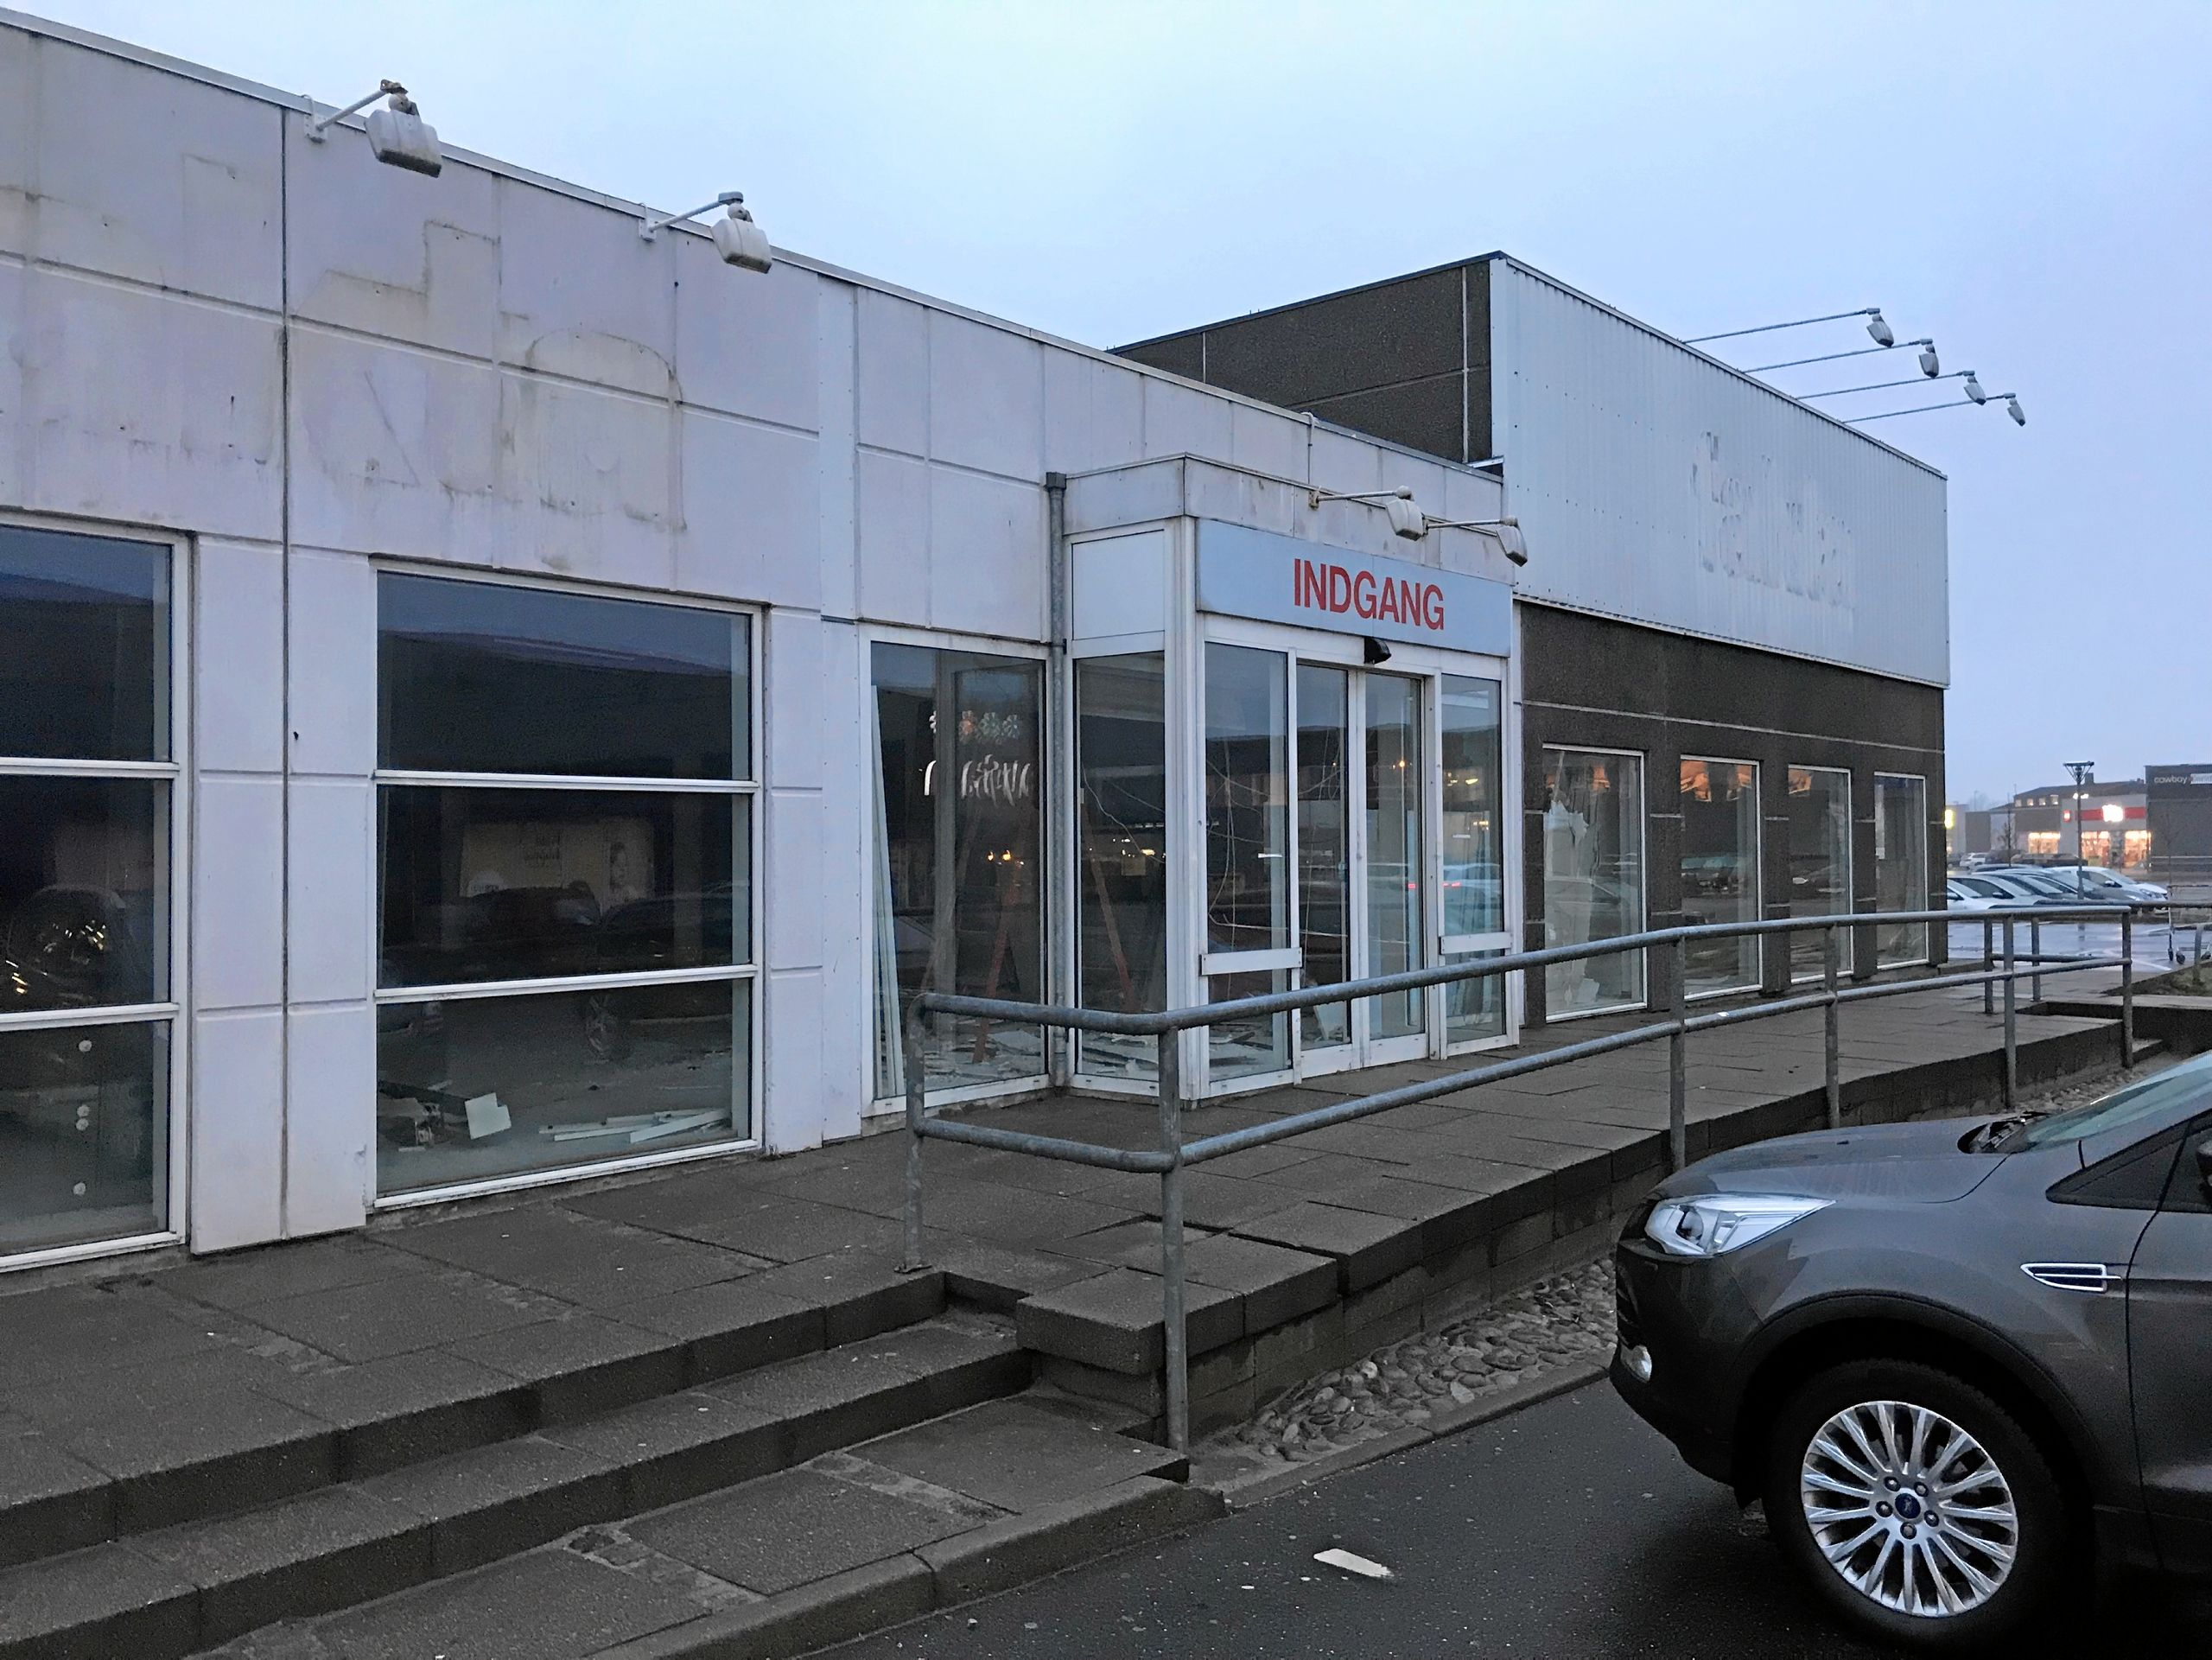 Bygningen har tidligere huset en Fakta dagligvarebutik, og man kan stadig ane navnet på facaden øverst til venstre på billedet. Foto: Torben O. Andersen